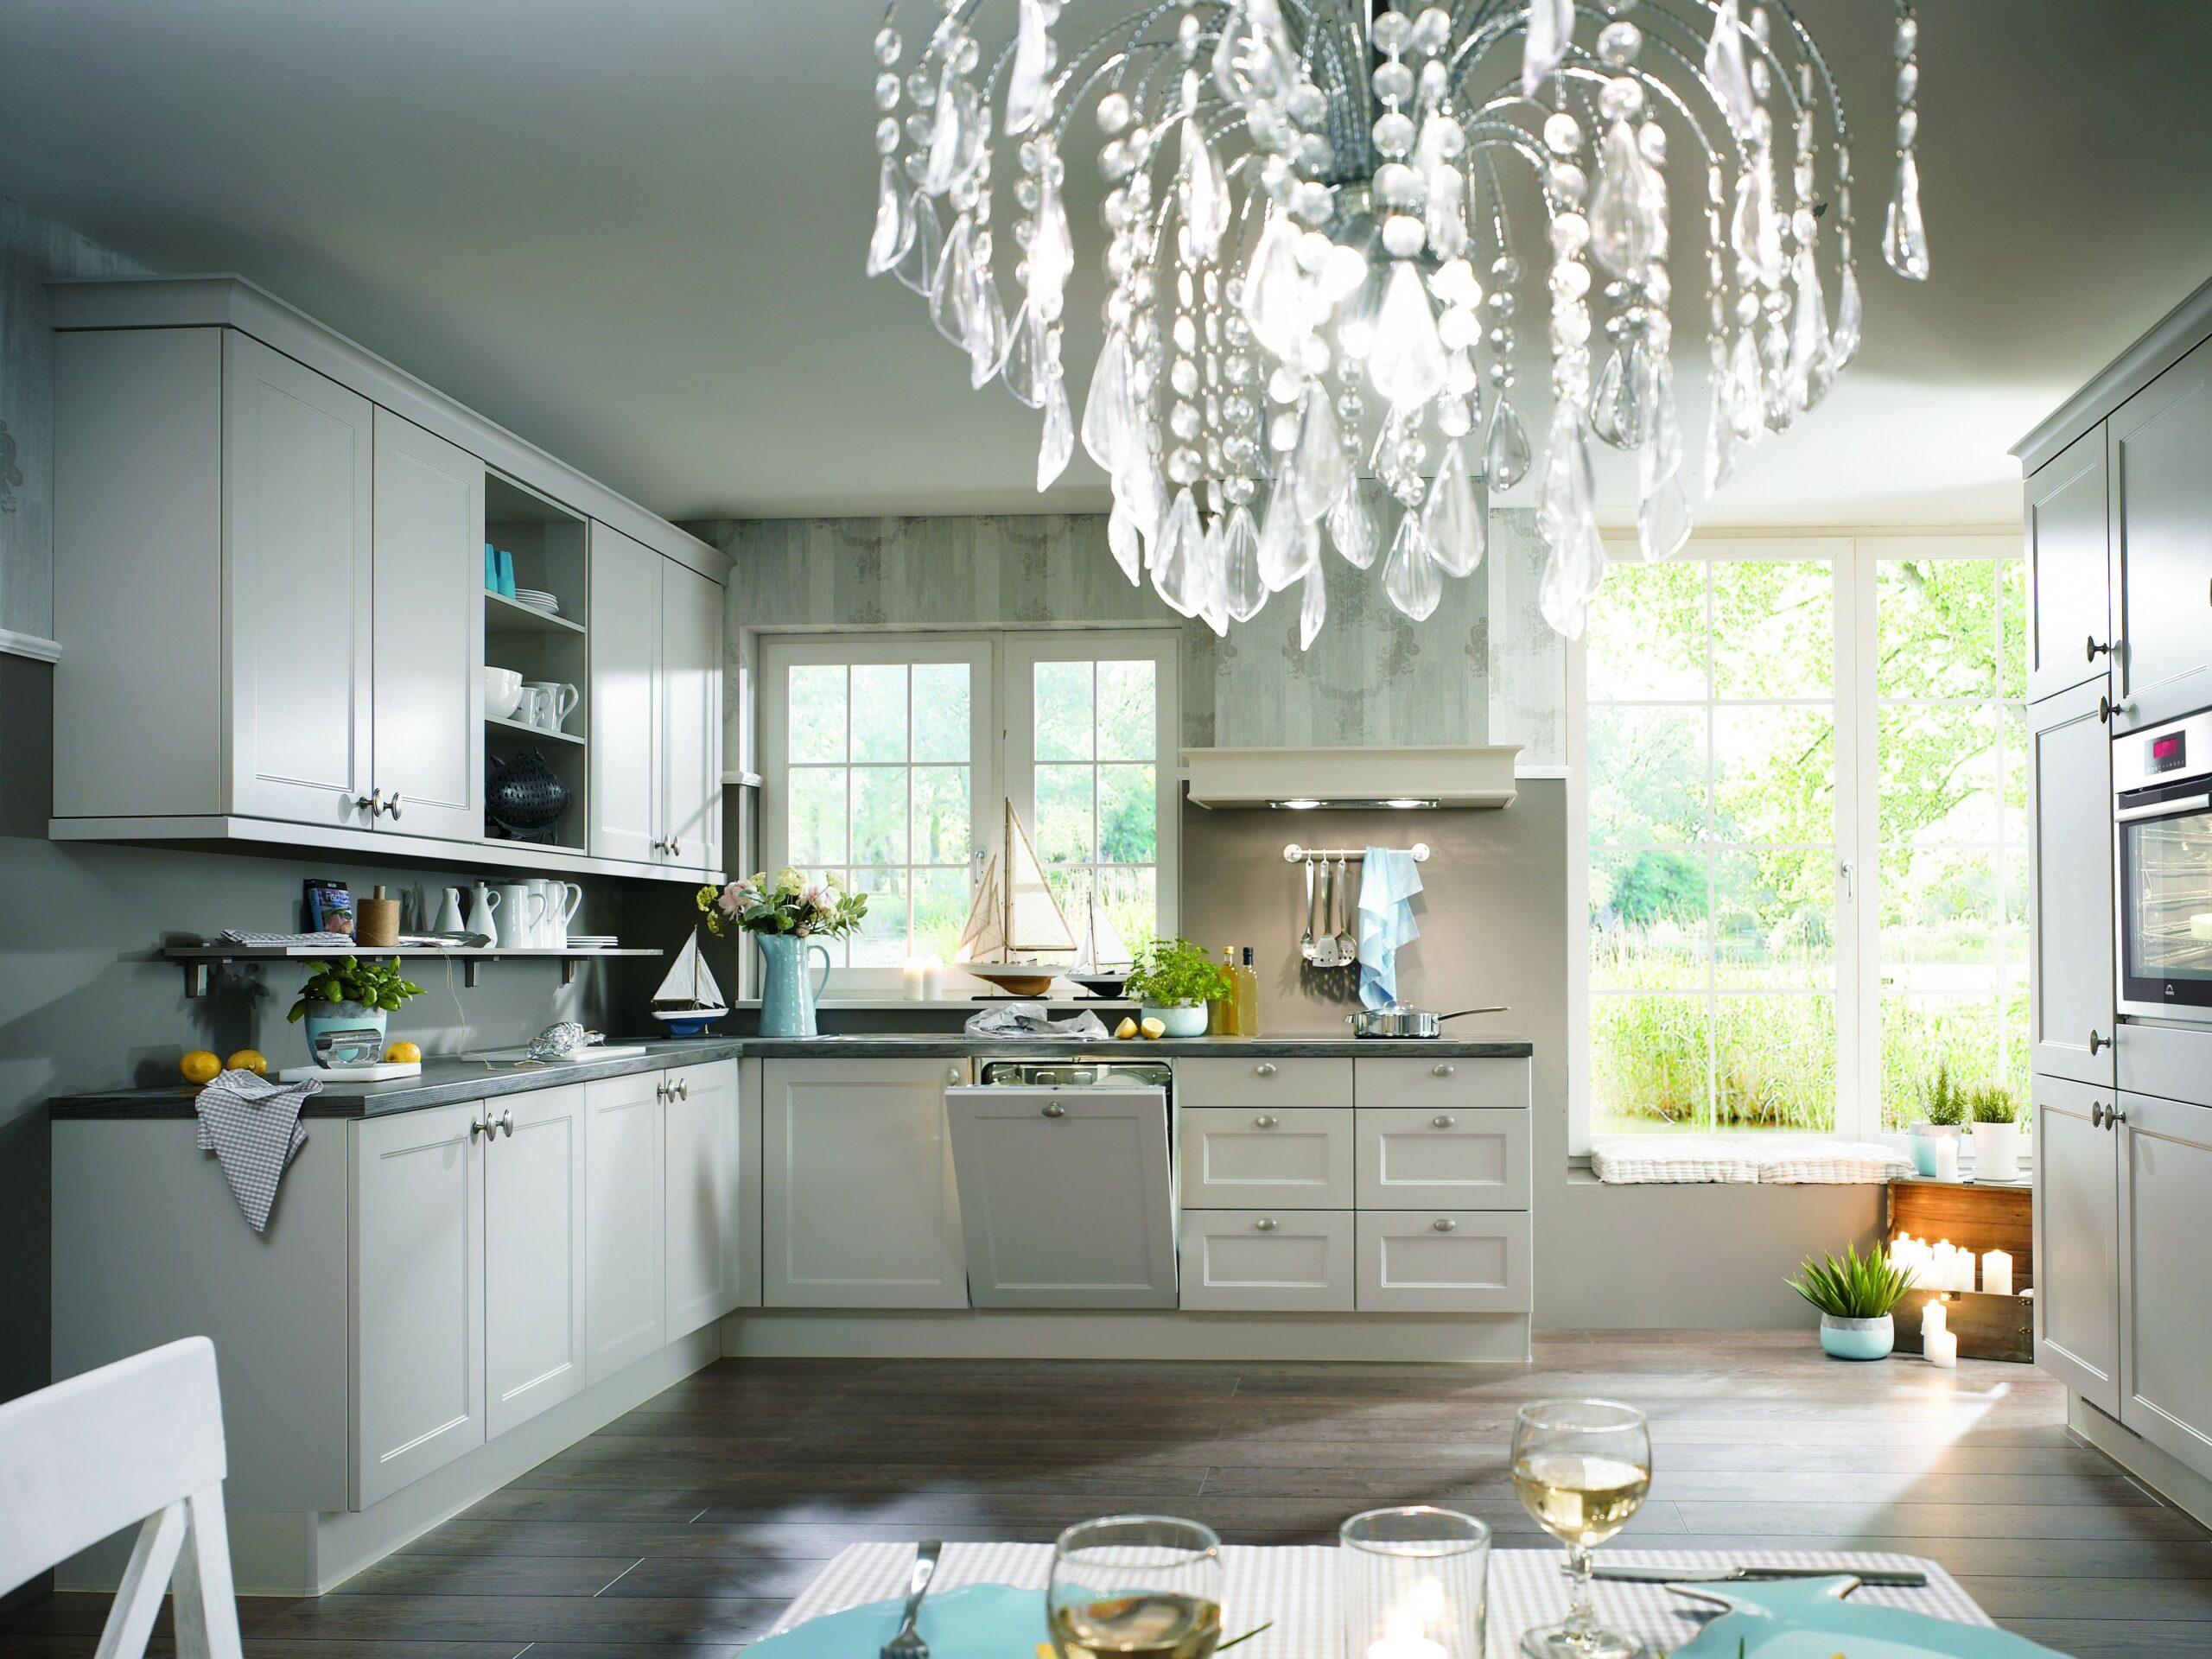 Full Size of Möbelix Küchen Kchendesign Stilberatung Fr Ihre Kche Mbelix Regal Wohnzimmer Möbelix Küchen